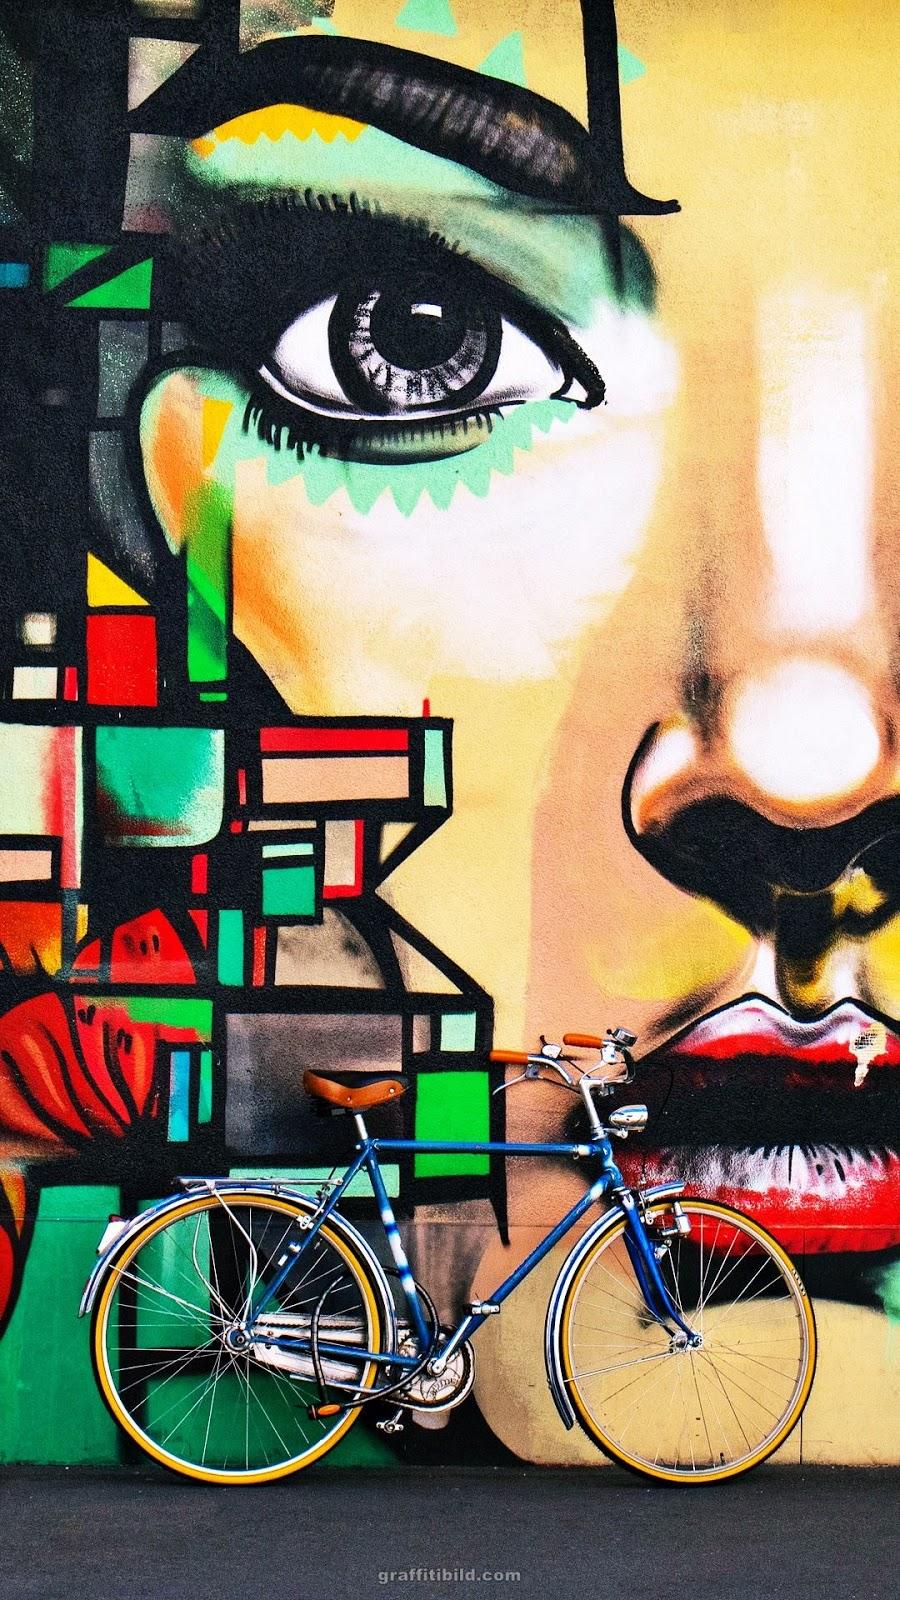 Graffiti Hintergründe für Handys